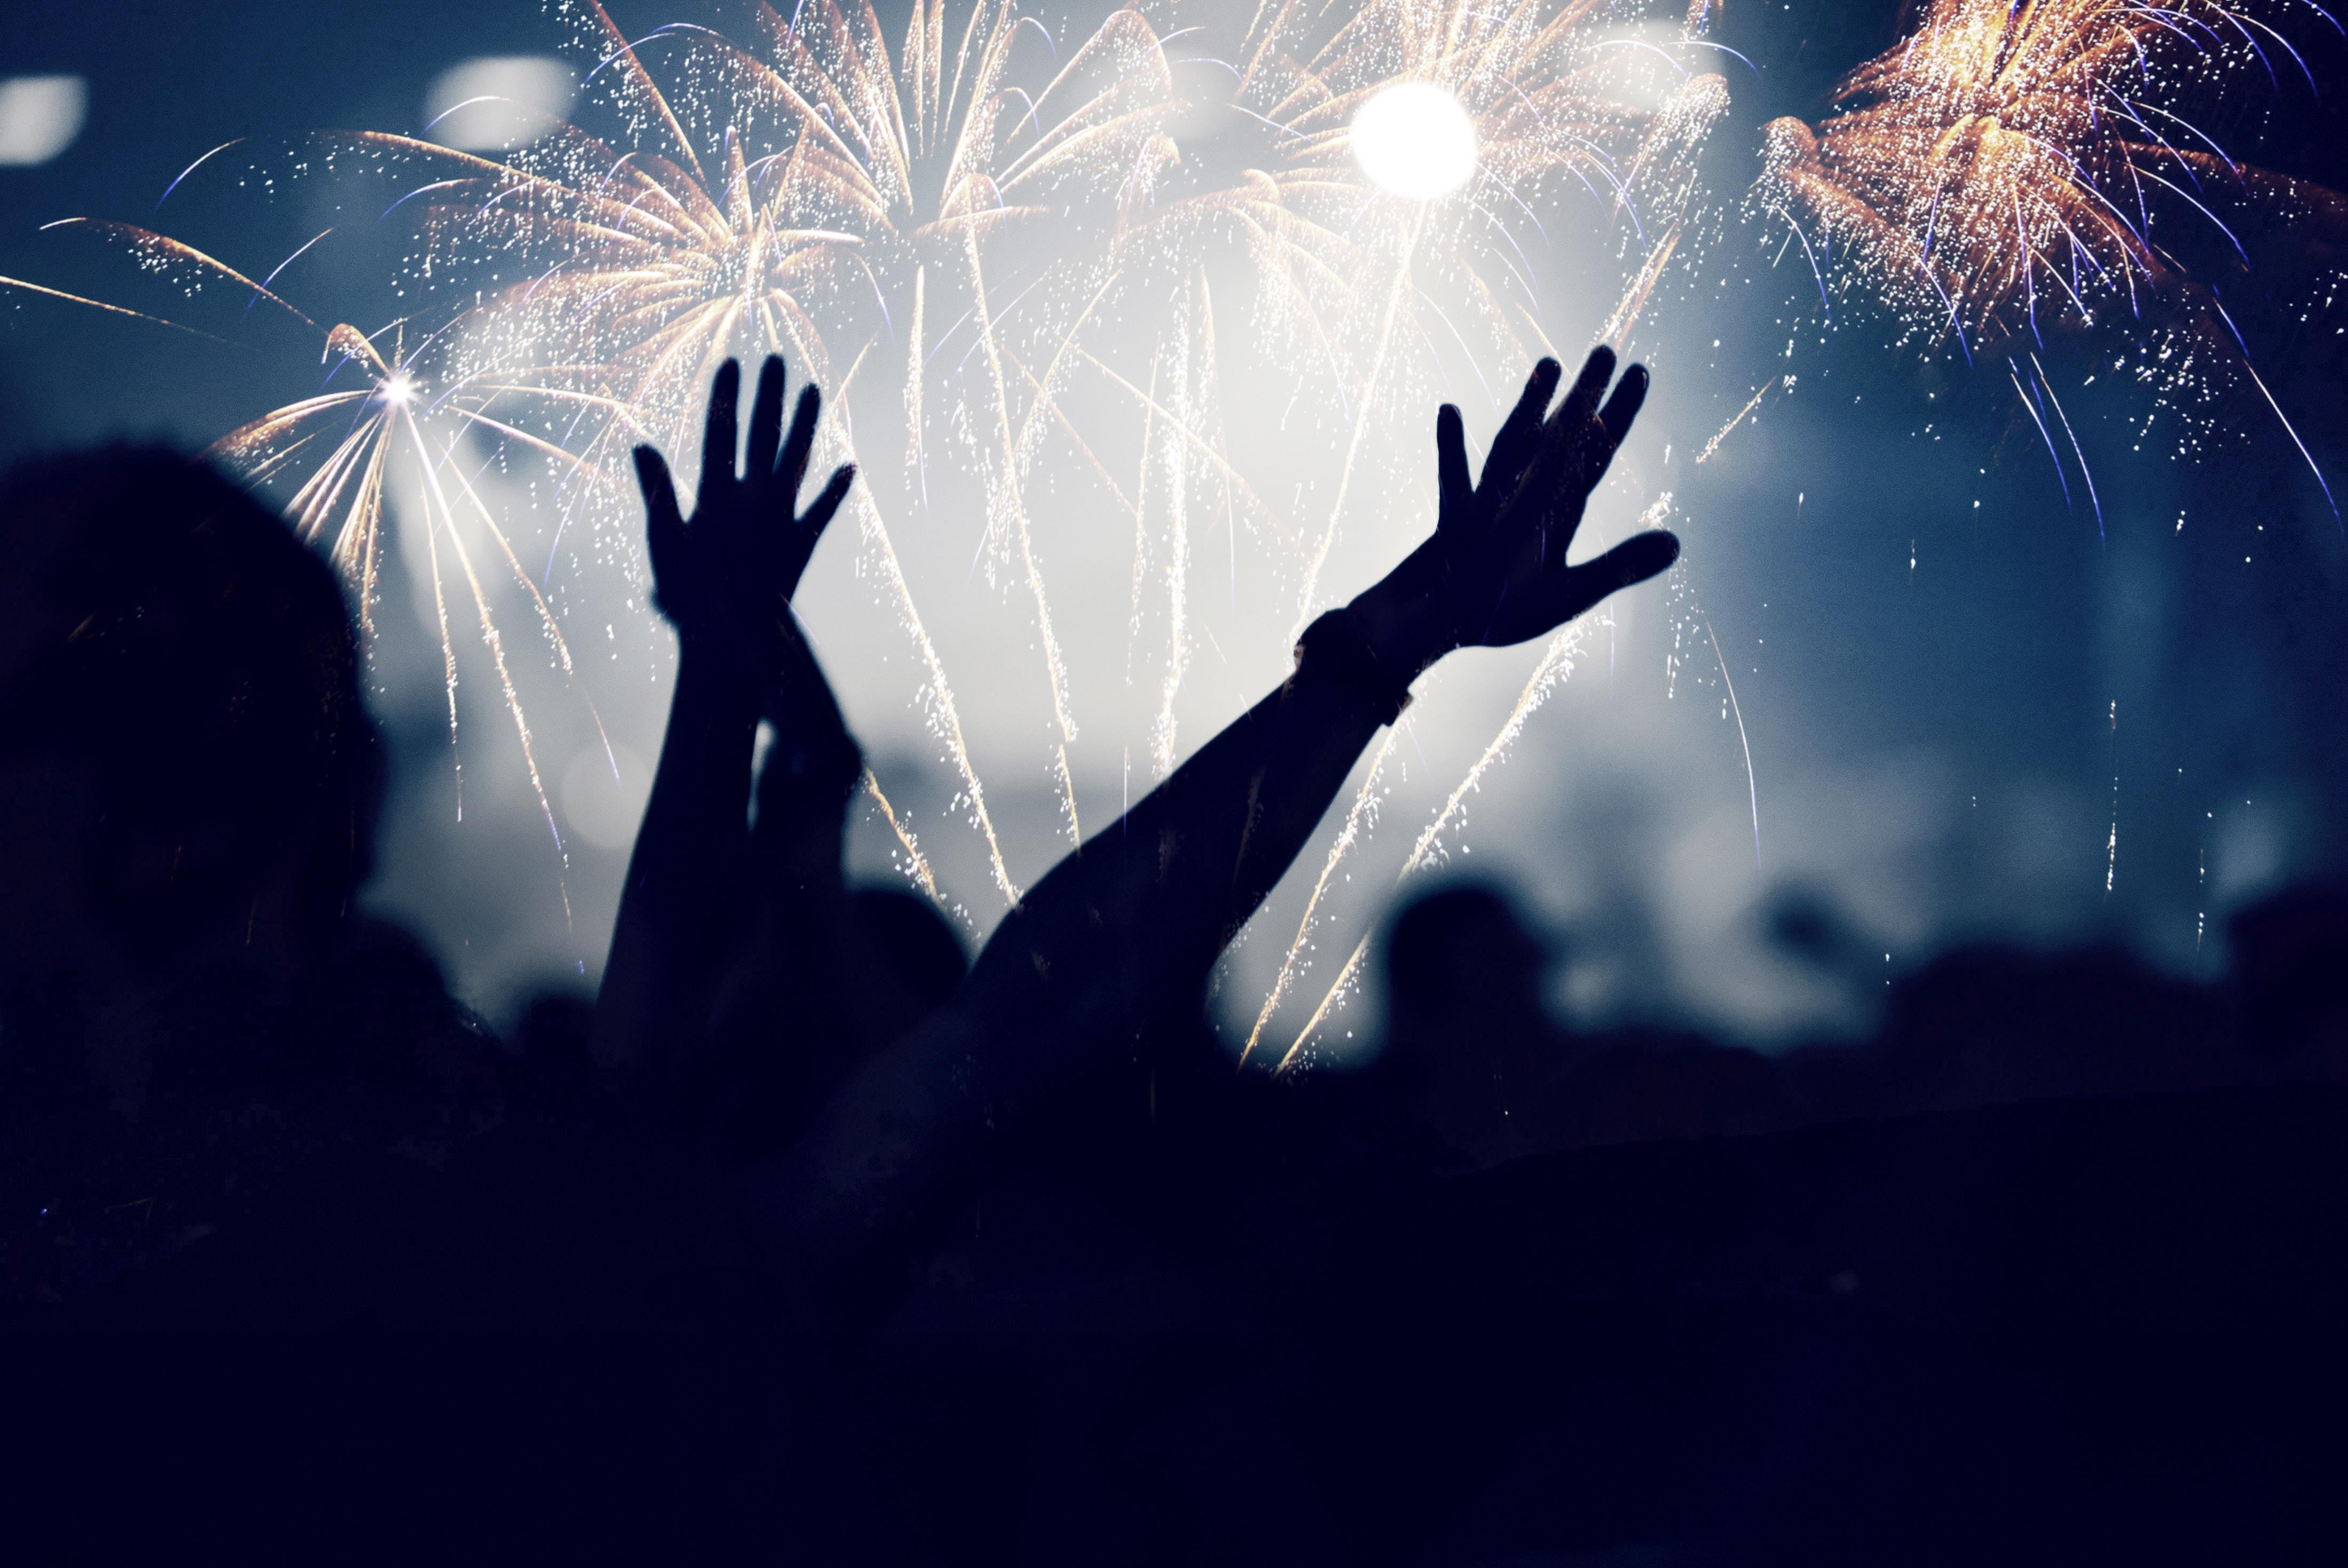 Valletta fireworks festival